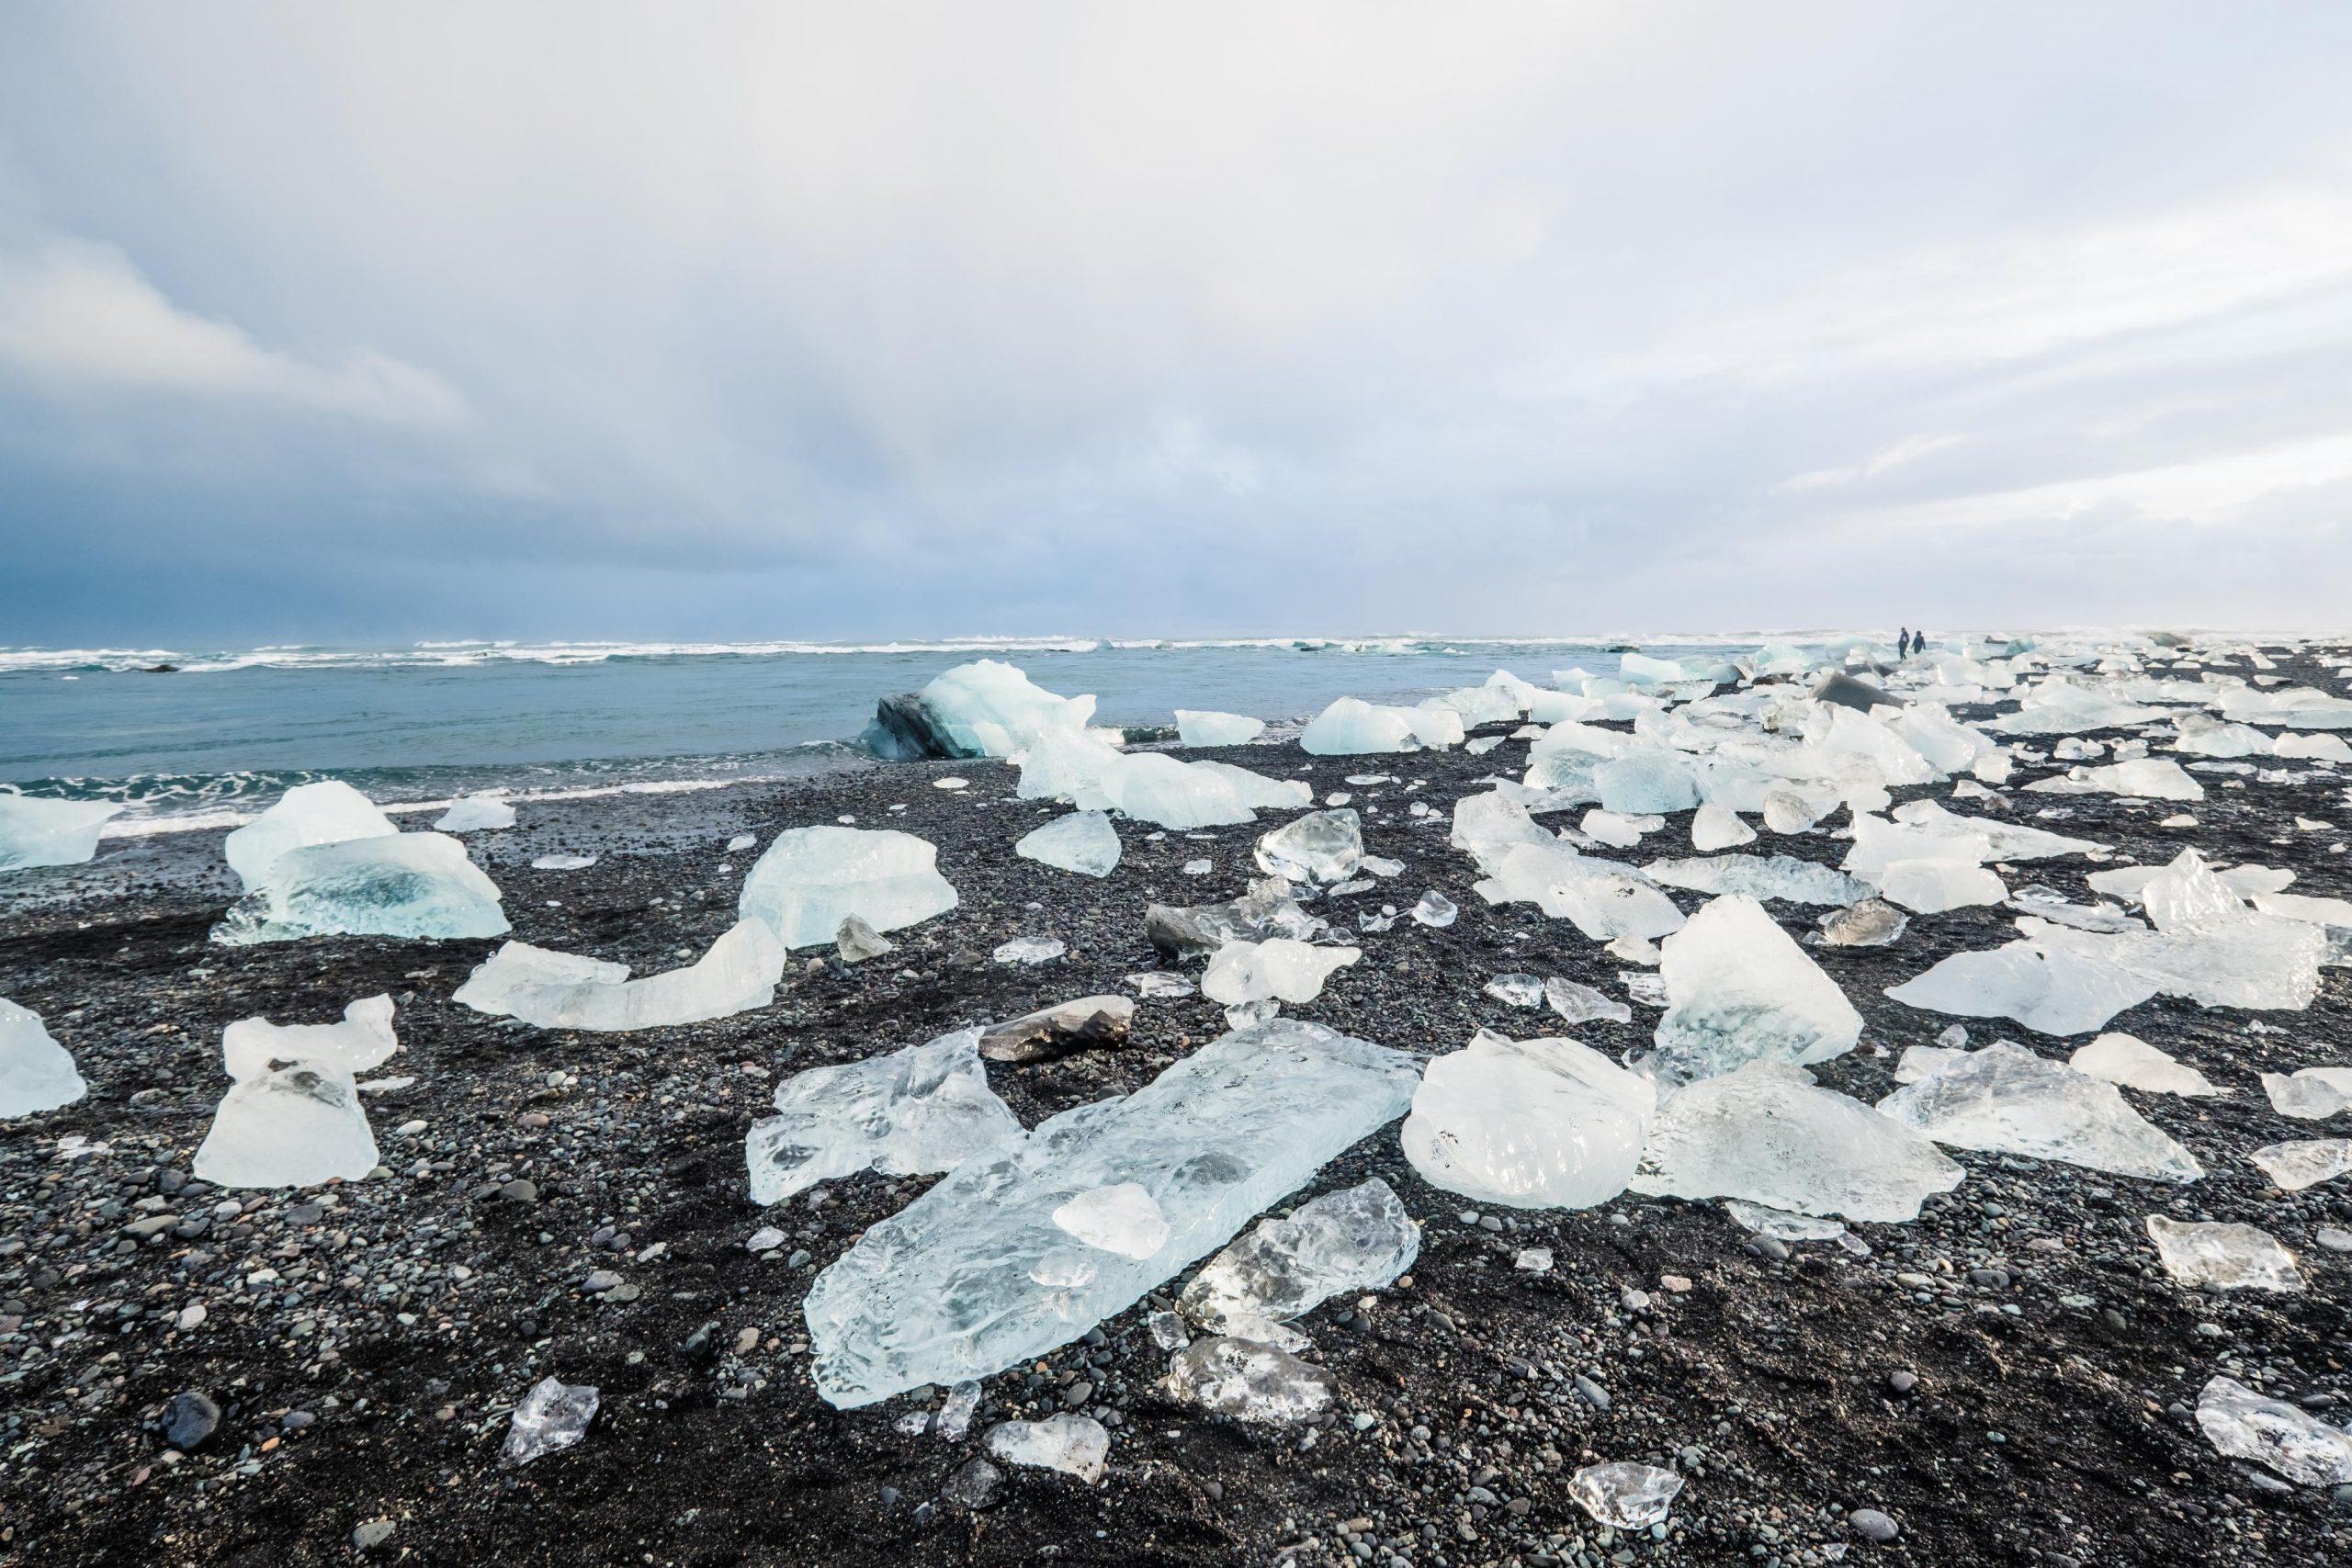 Diamentowa plaża islandia zimą